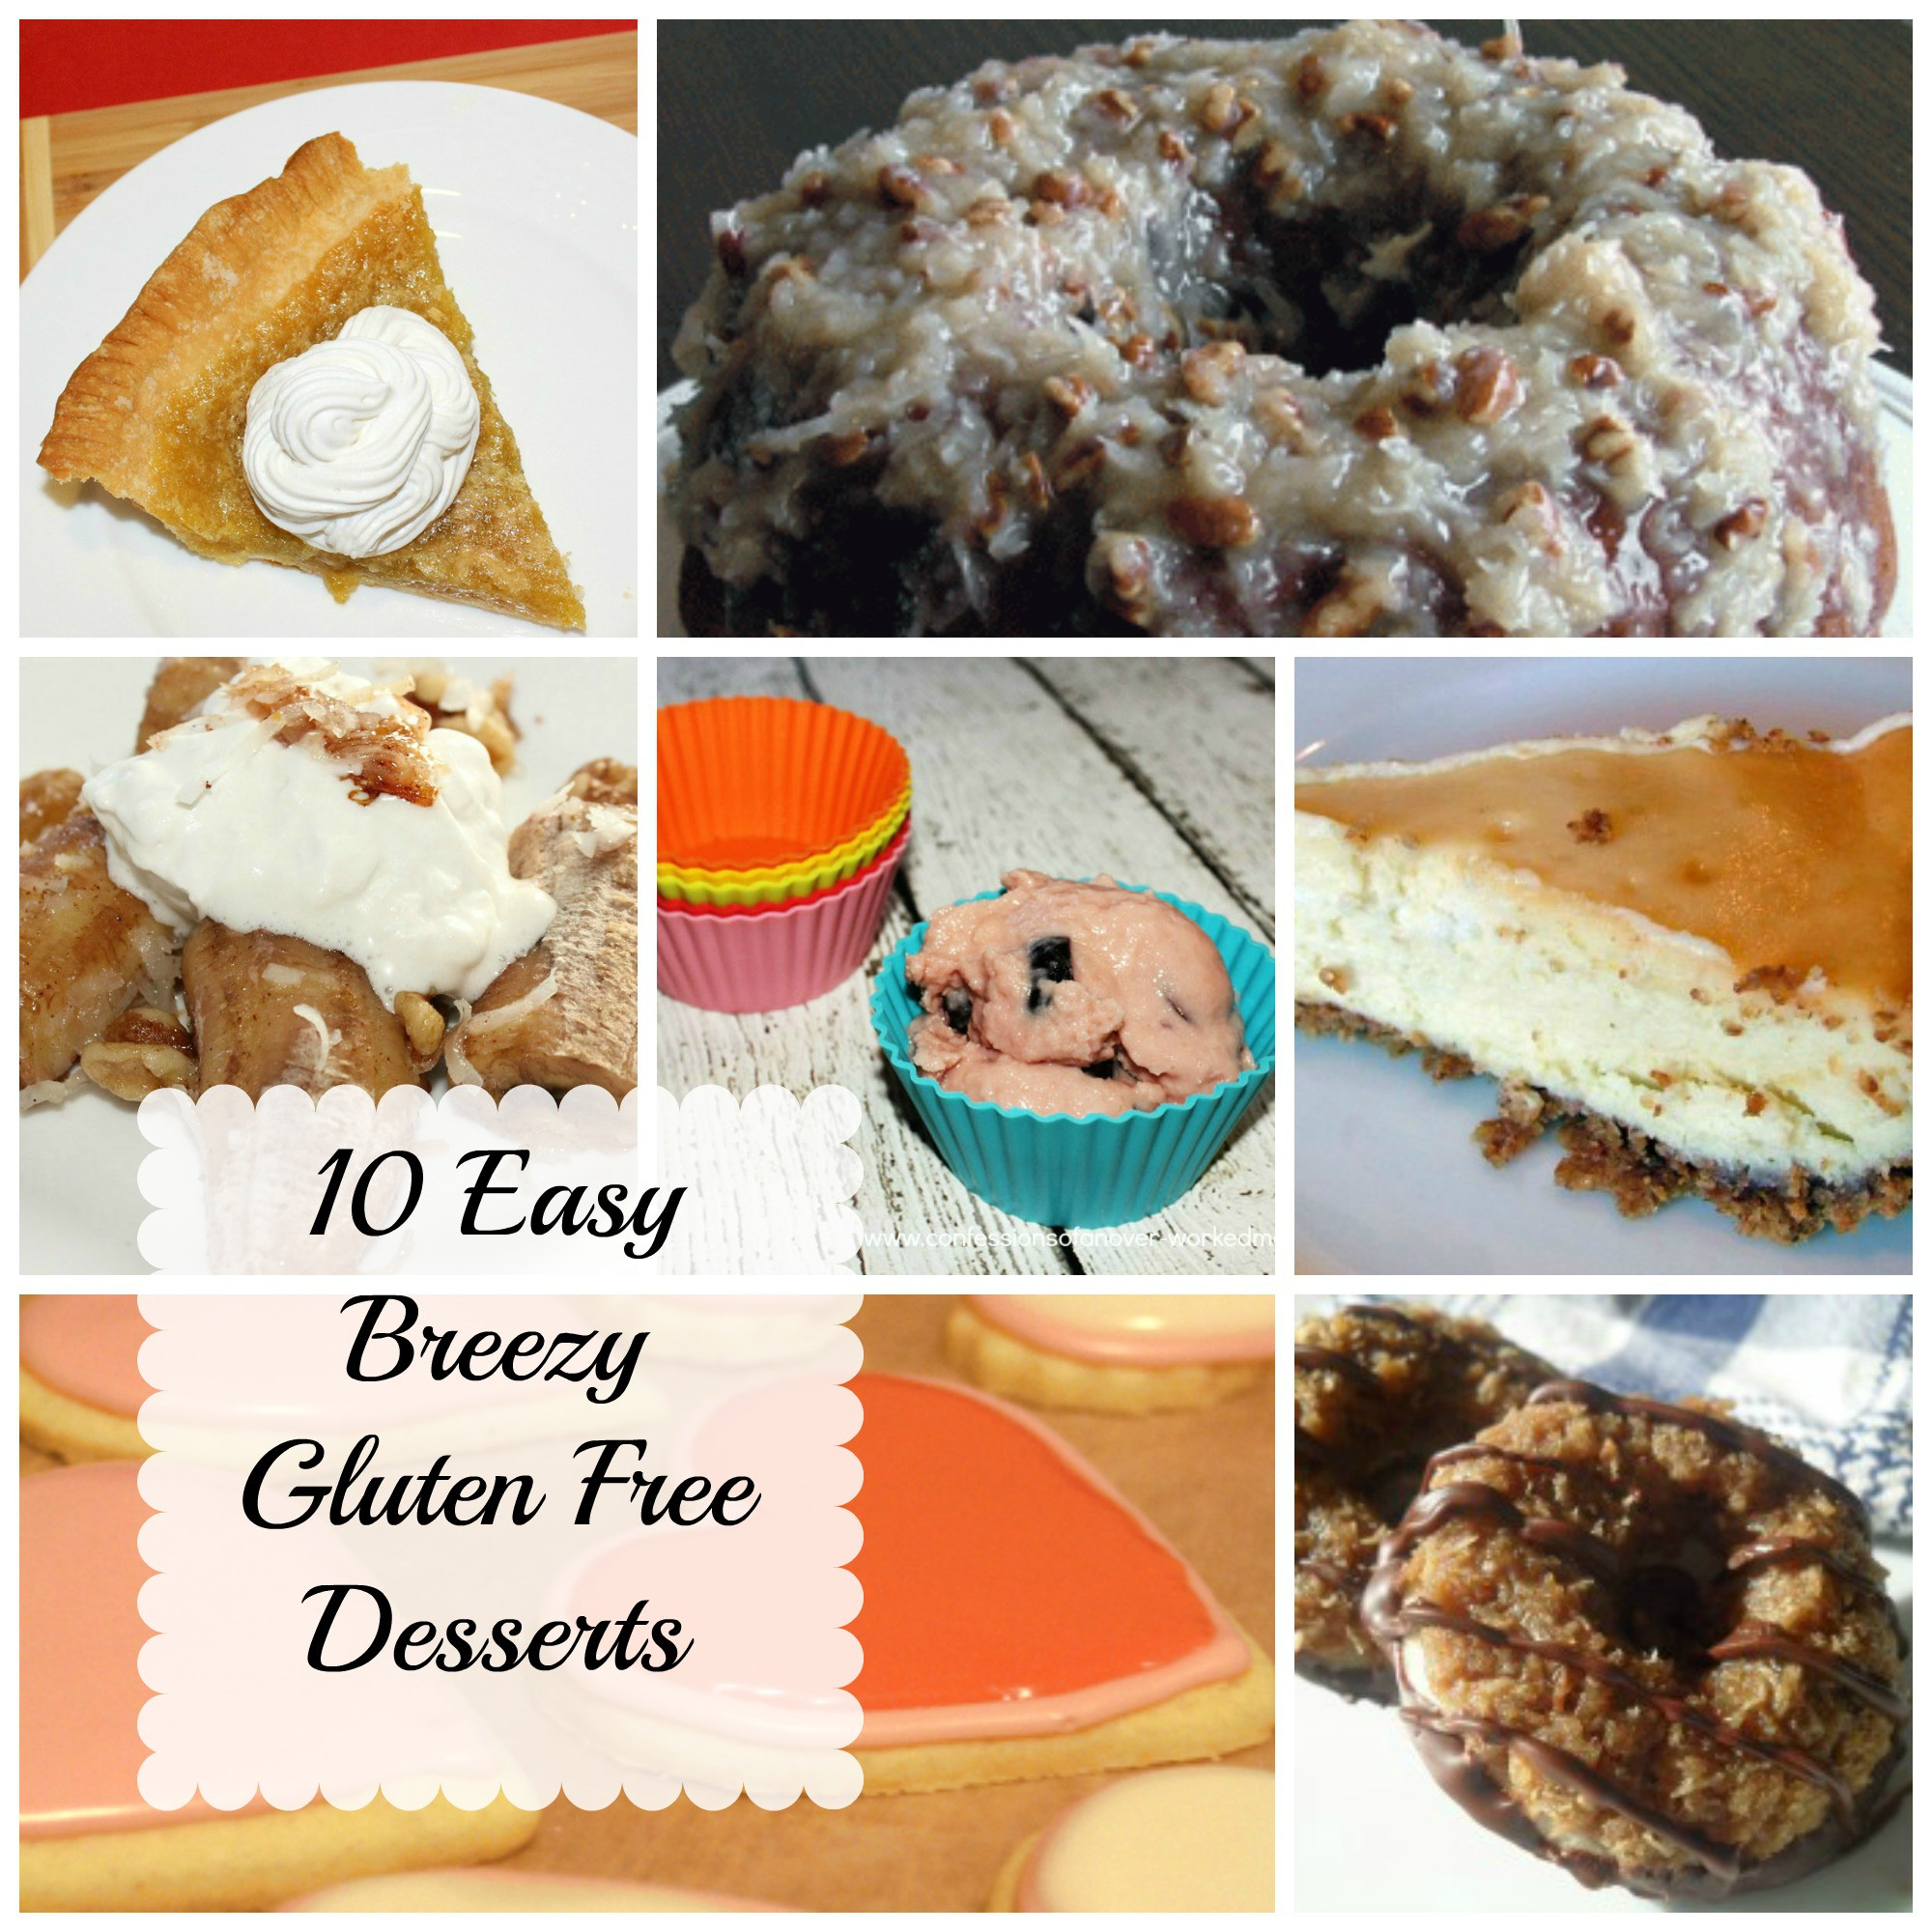 Gluten Free And Dairy Free Desserts  10 Gluten Free Desserts